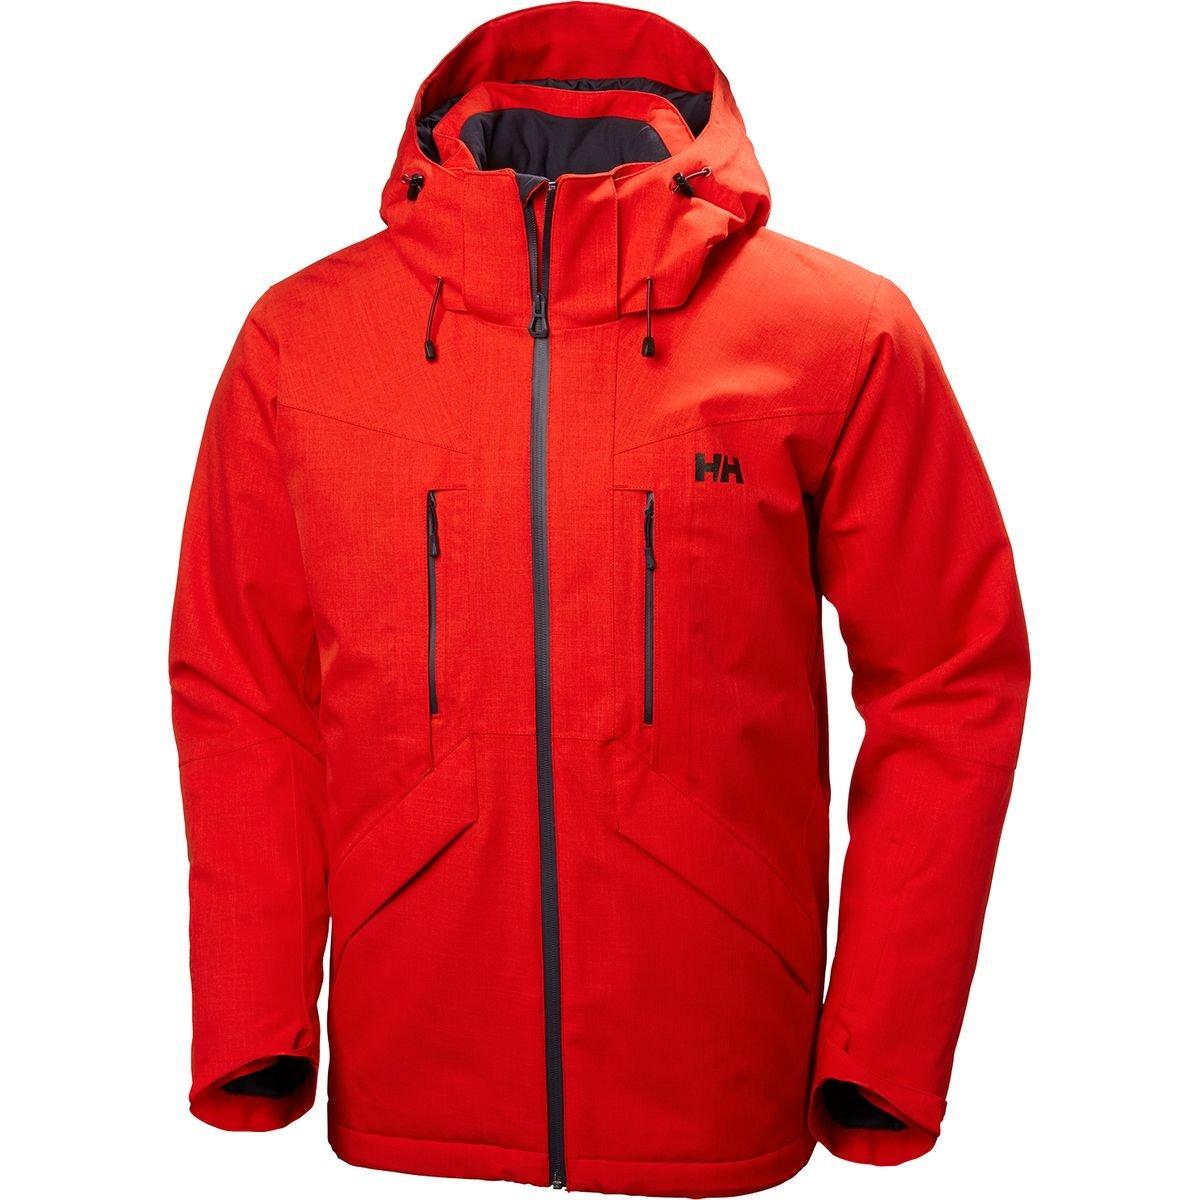 (ヘリーハンセン)Helly Hansen Juniper II Jacket メンズ ジャケットAlert Red [並行輸入品] B07676G7VY 日本サイズ L (US M)|Alert Red Alert Red 日本サイズ L (US M)